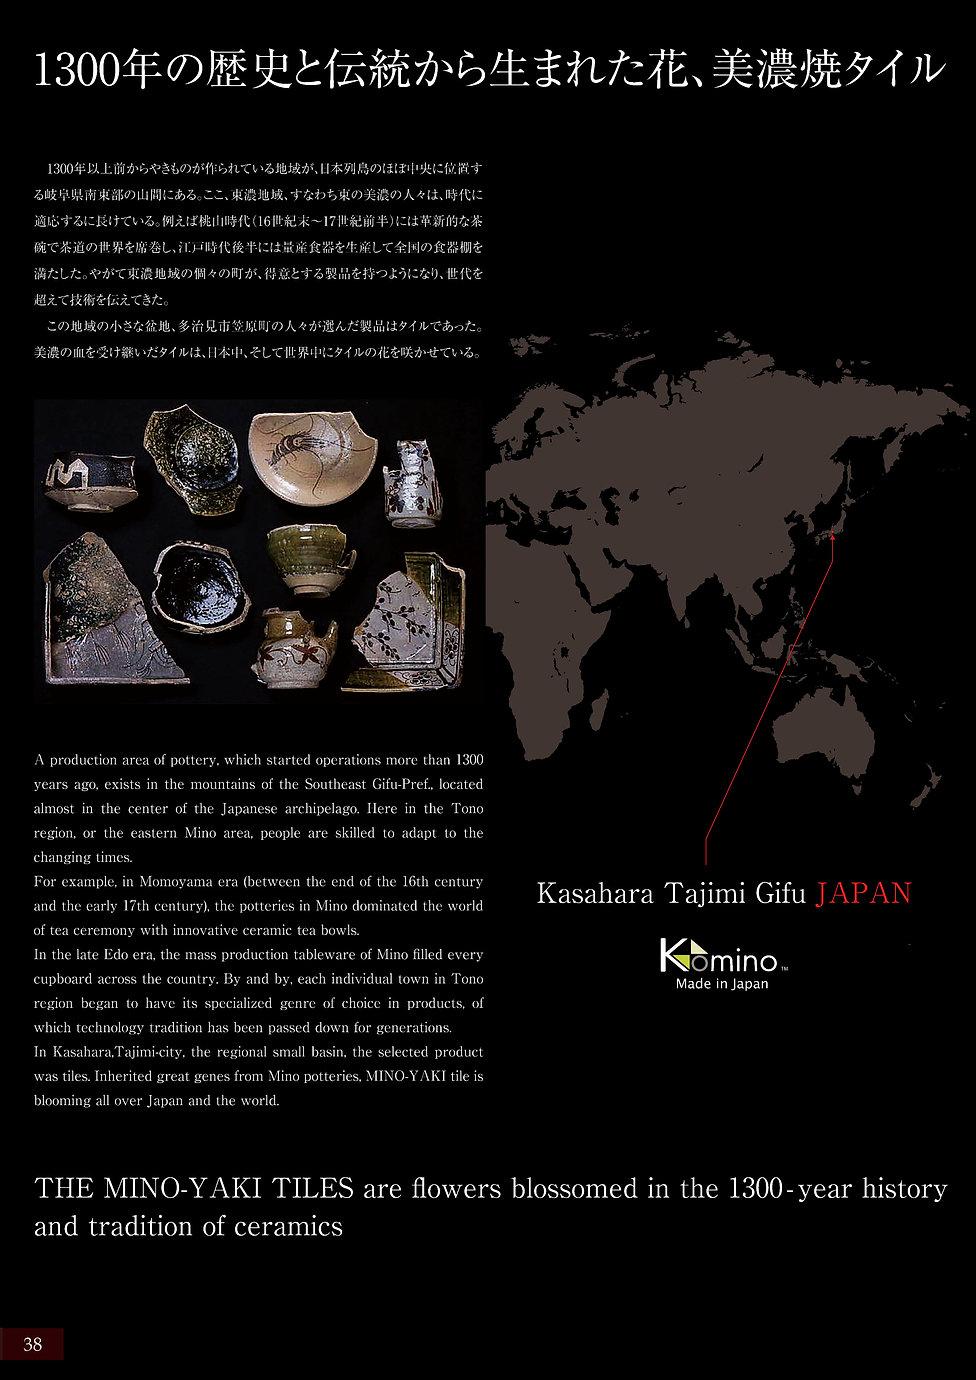 Komino_Catalog_2015081038.jpg